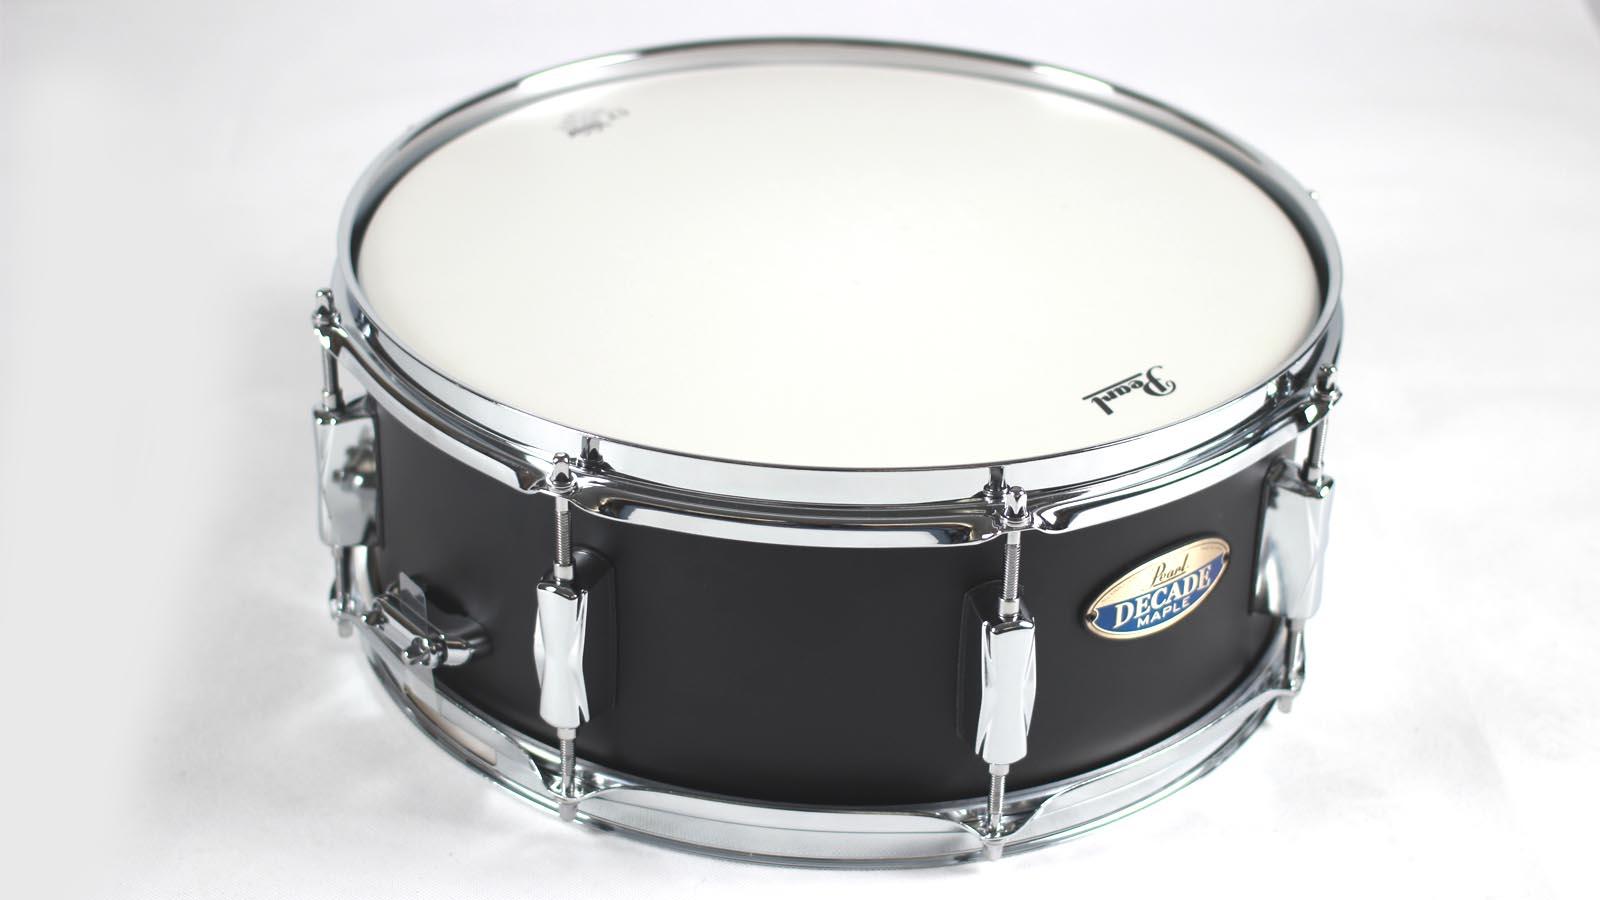 Pearl 14'' x 5,5''Decade Snare black maple